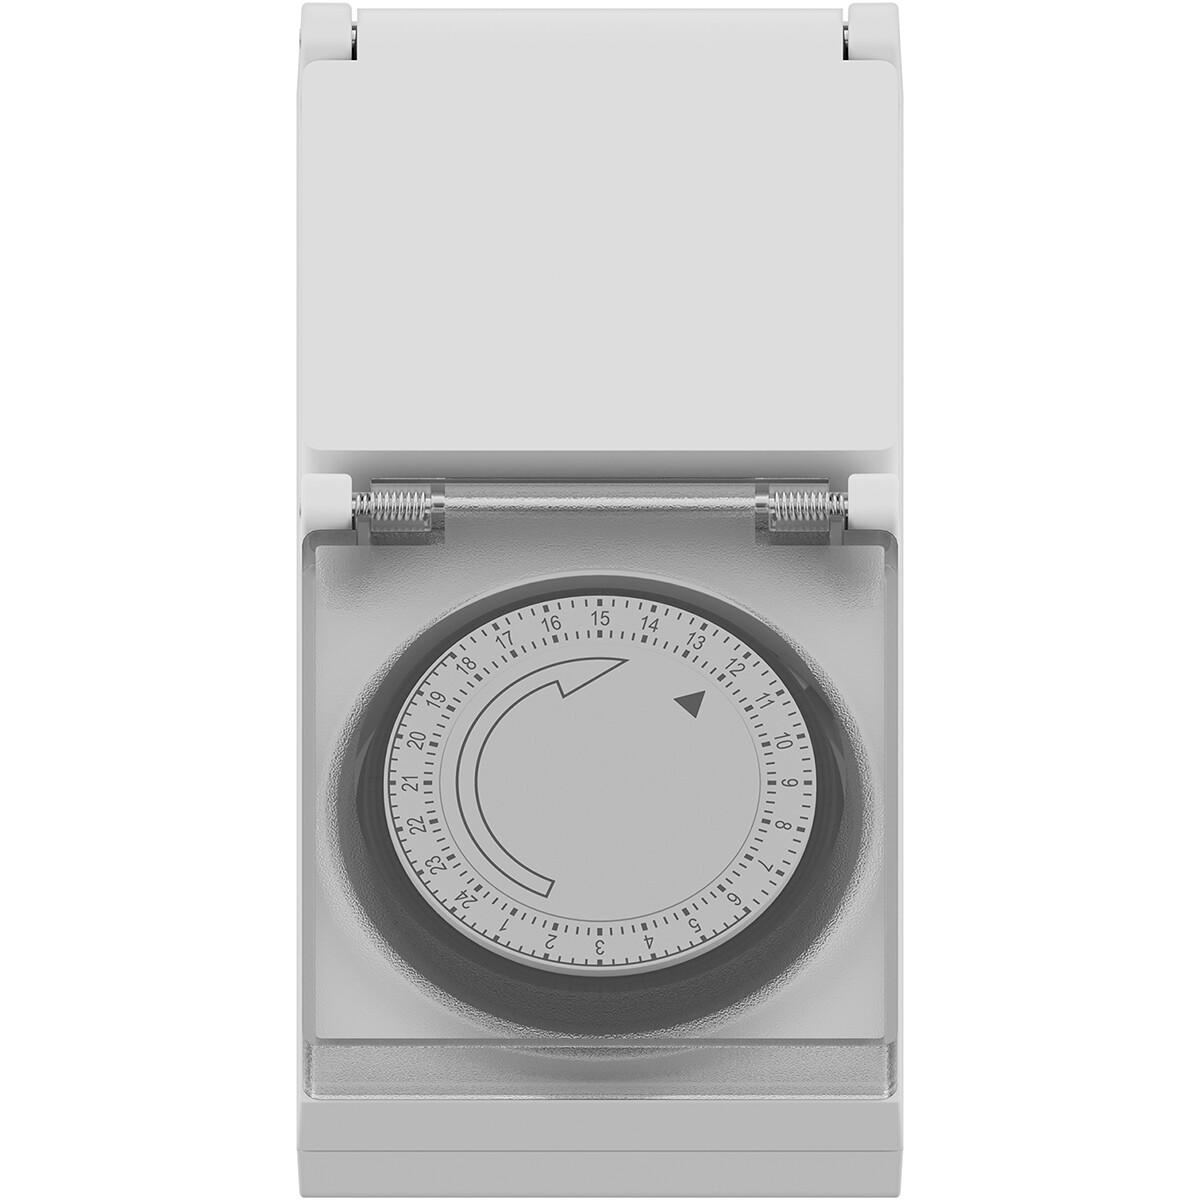 CALEX - Tijdschakelaar - Wandcontactdoos - Analoge Schakelklok - Spatwaterdicht IP44 - Wit